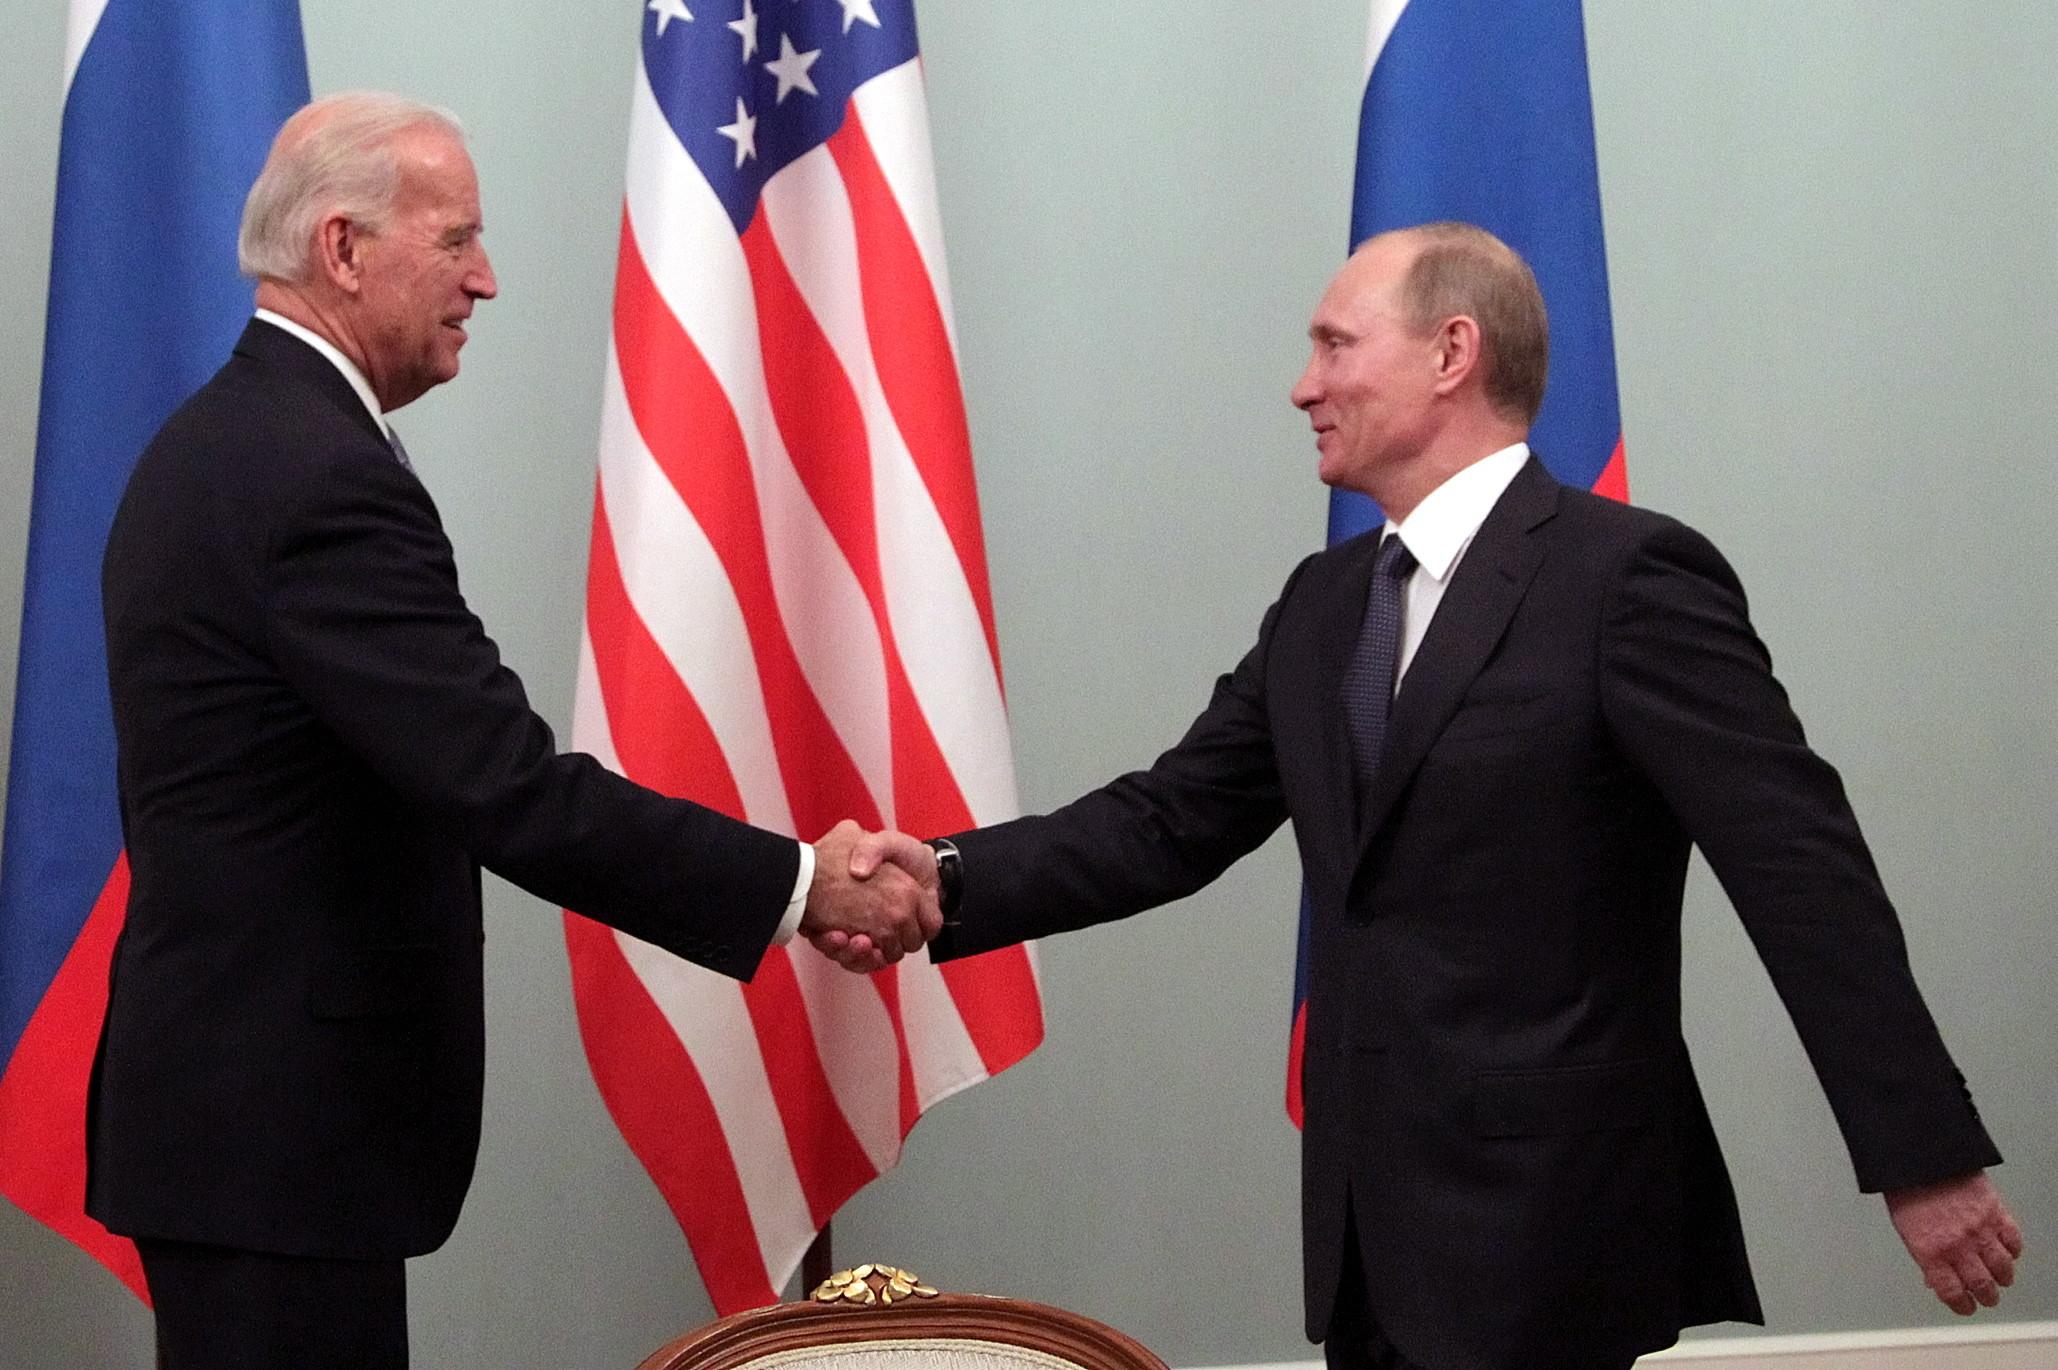 Joe Biden şi Vladimir Putin se întâlnesc la Geneva pe 16 iunie. Ce subiecte vor fi dezbătute